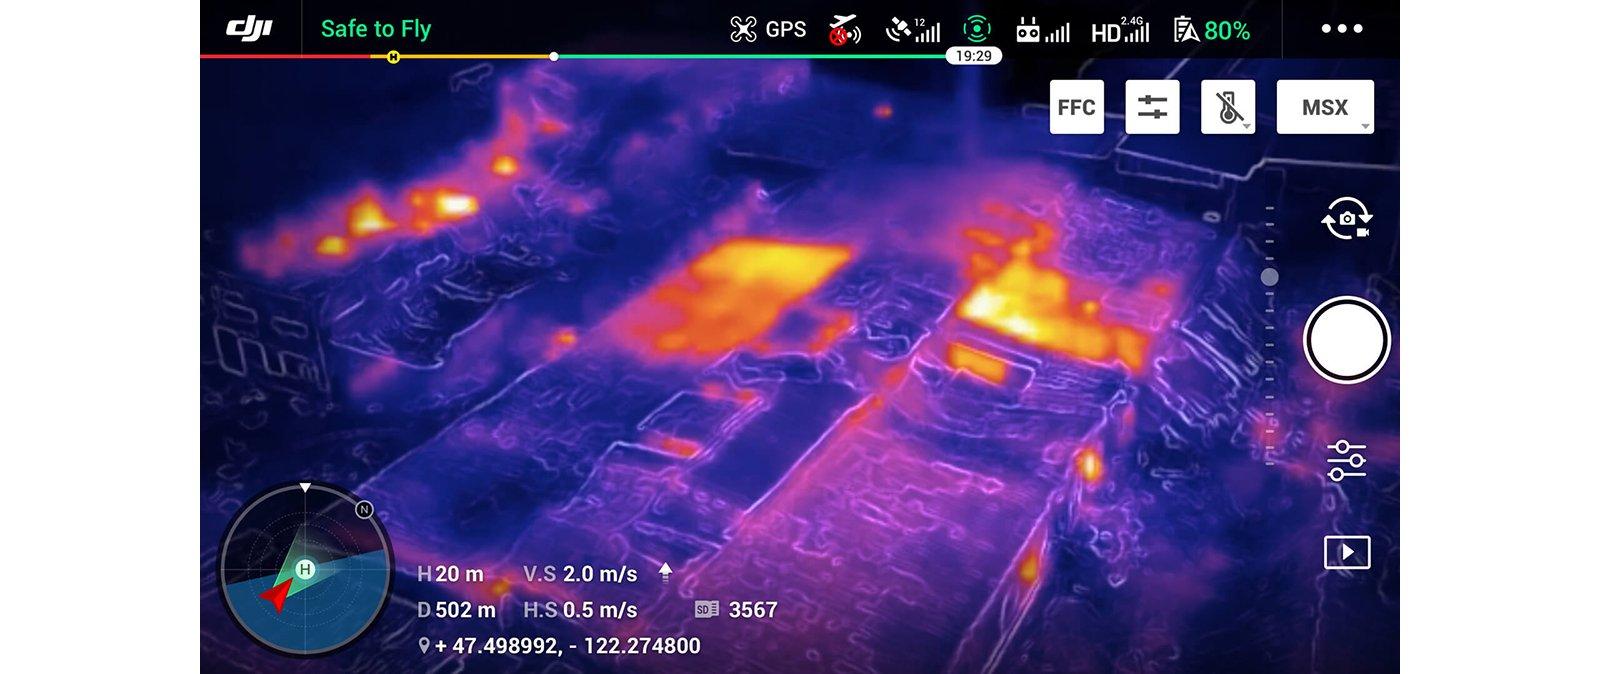 FLIR MSX :kết hợp camera hình ảnh và camera nhiệt trong thời gian thực